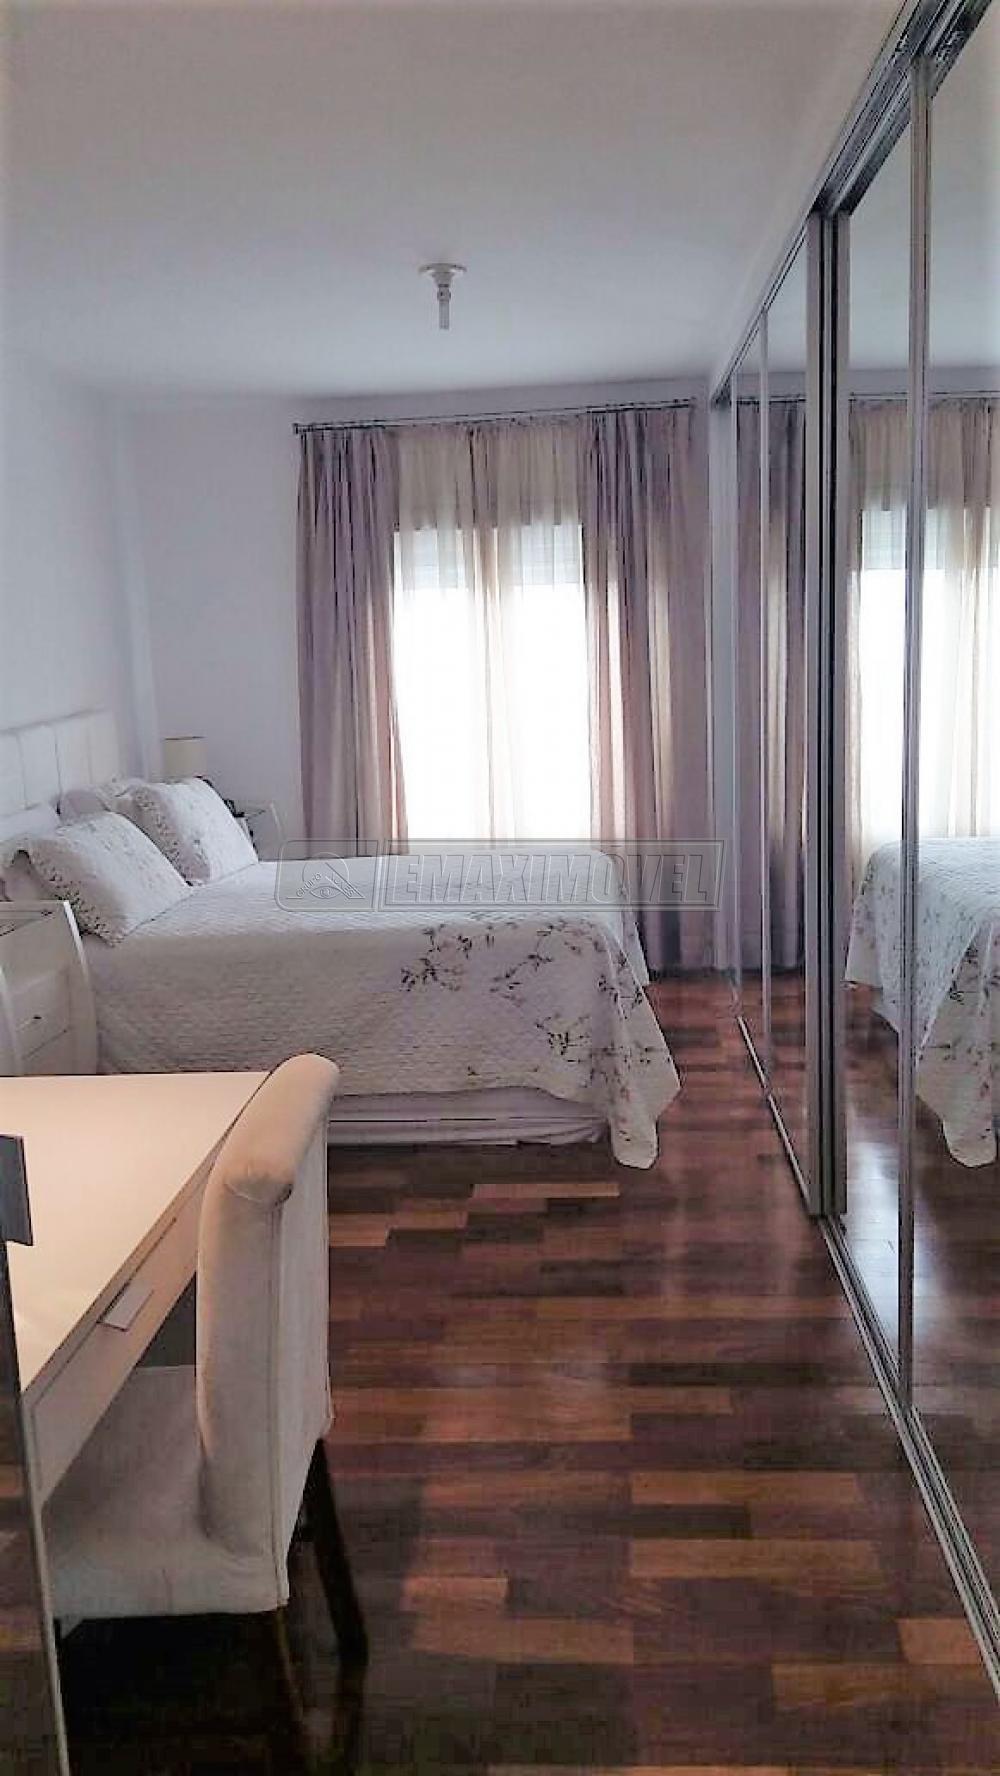 Comprar Apartamentos / Apto Padrão em Sorocaba apenas R$ 1.280.000,00 - Foto 7